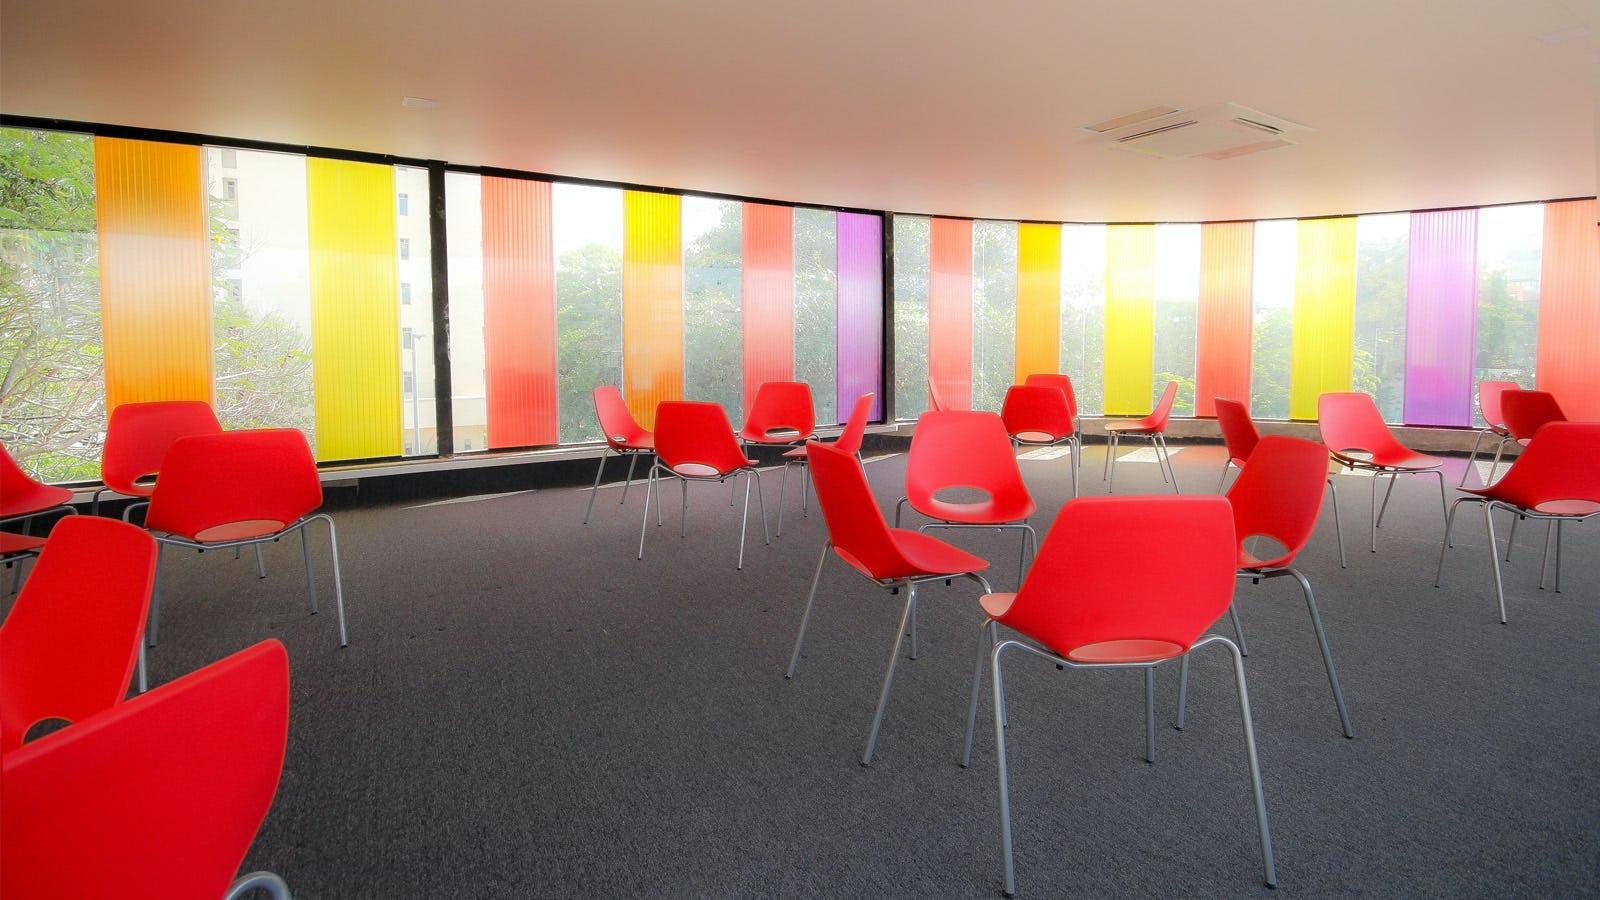 Future centre interior sri lanka 01